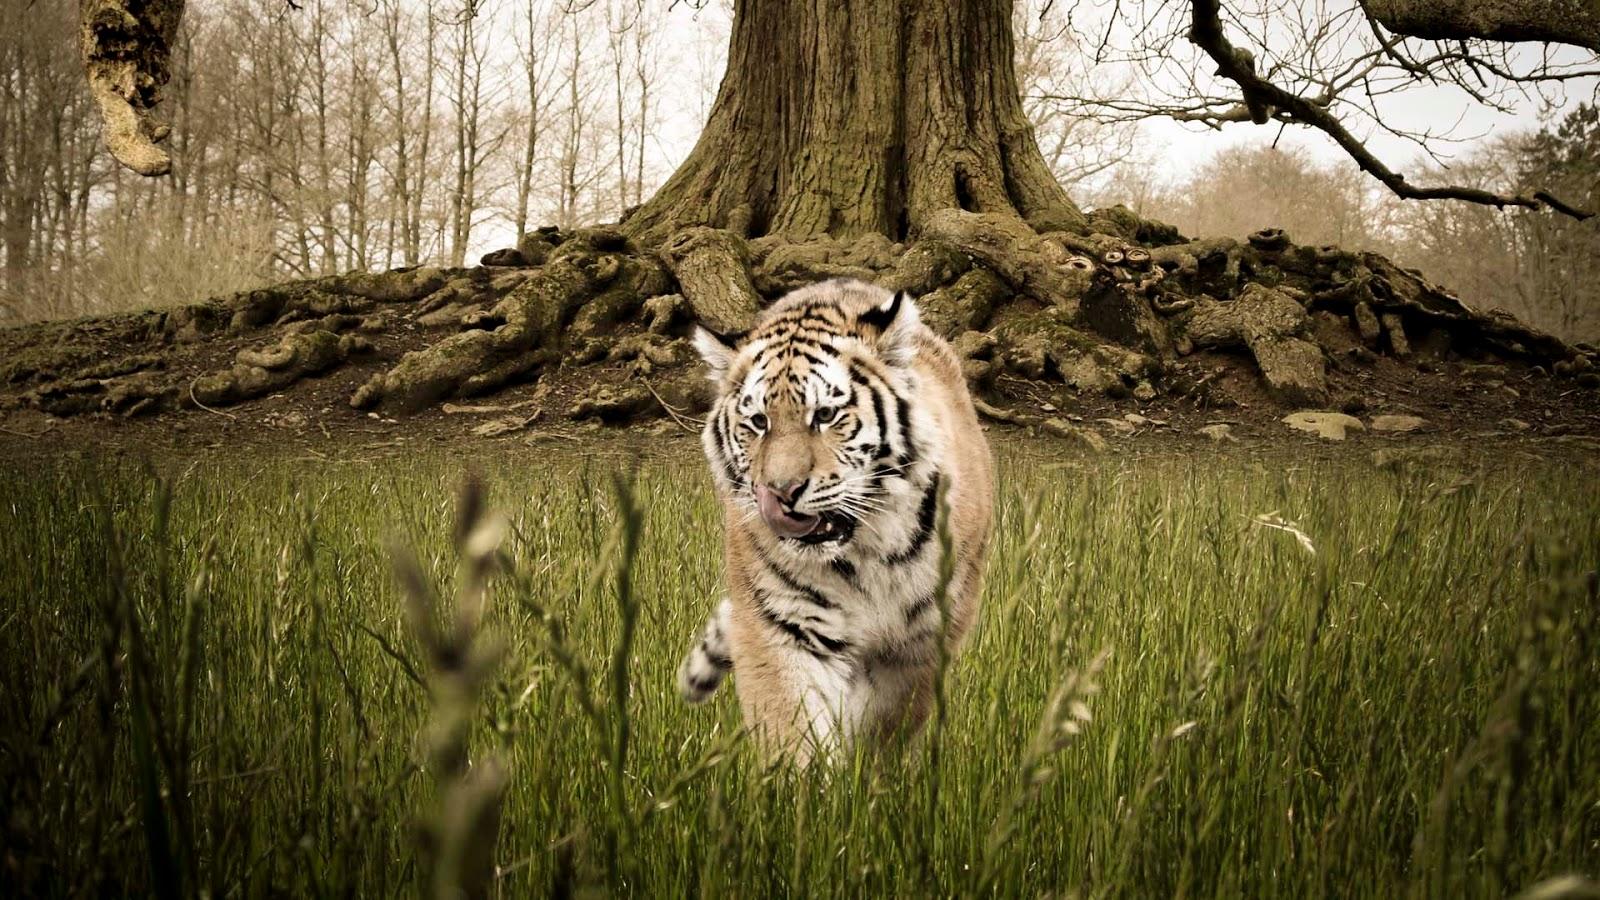 Tigre Salvaje Manipulación